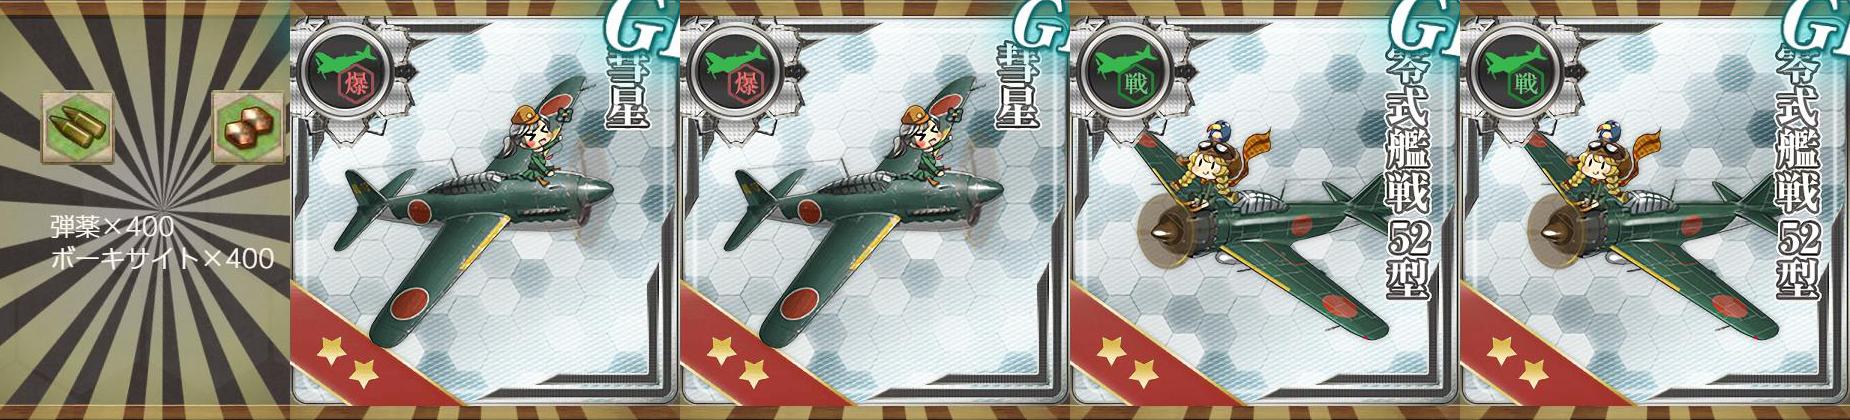 艦これ 空母機動部隊演習始め